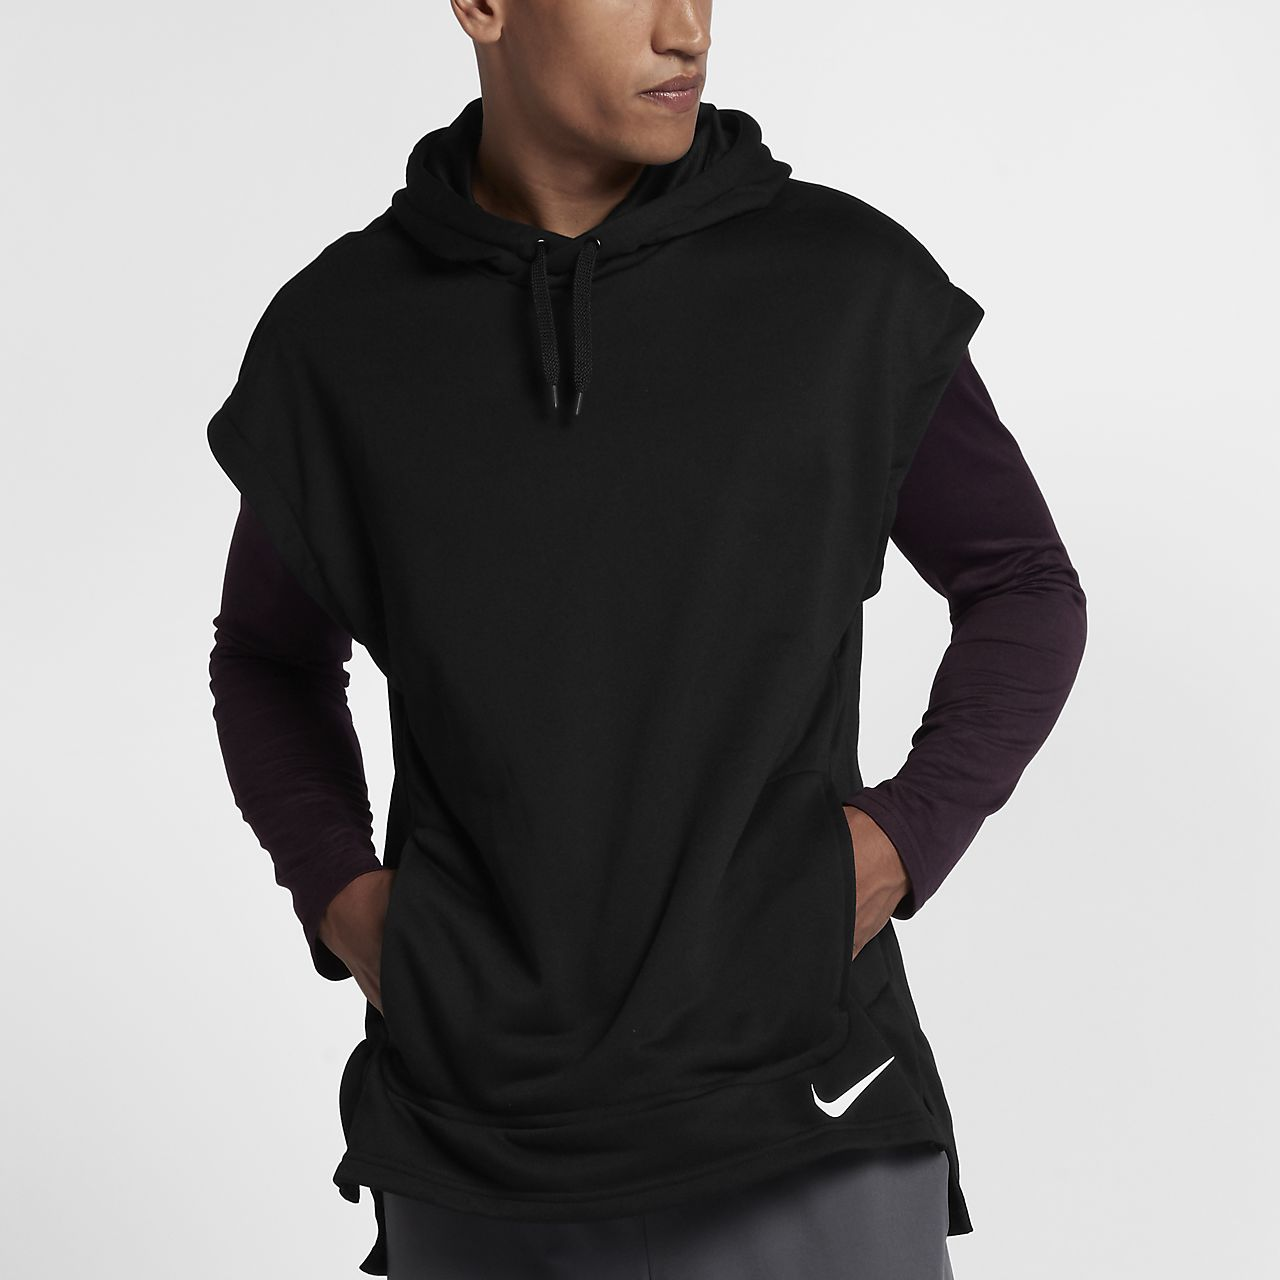 Nike Dri-FIT Men's Sleeveless Training Hoodie